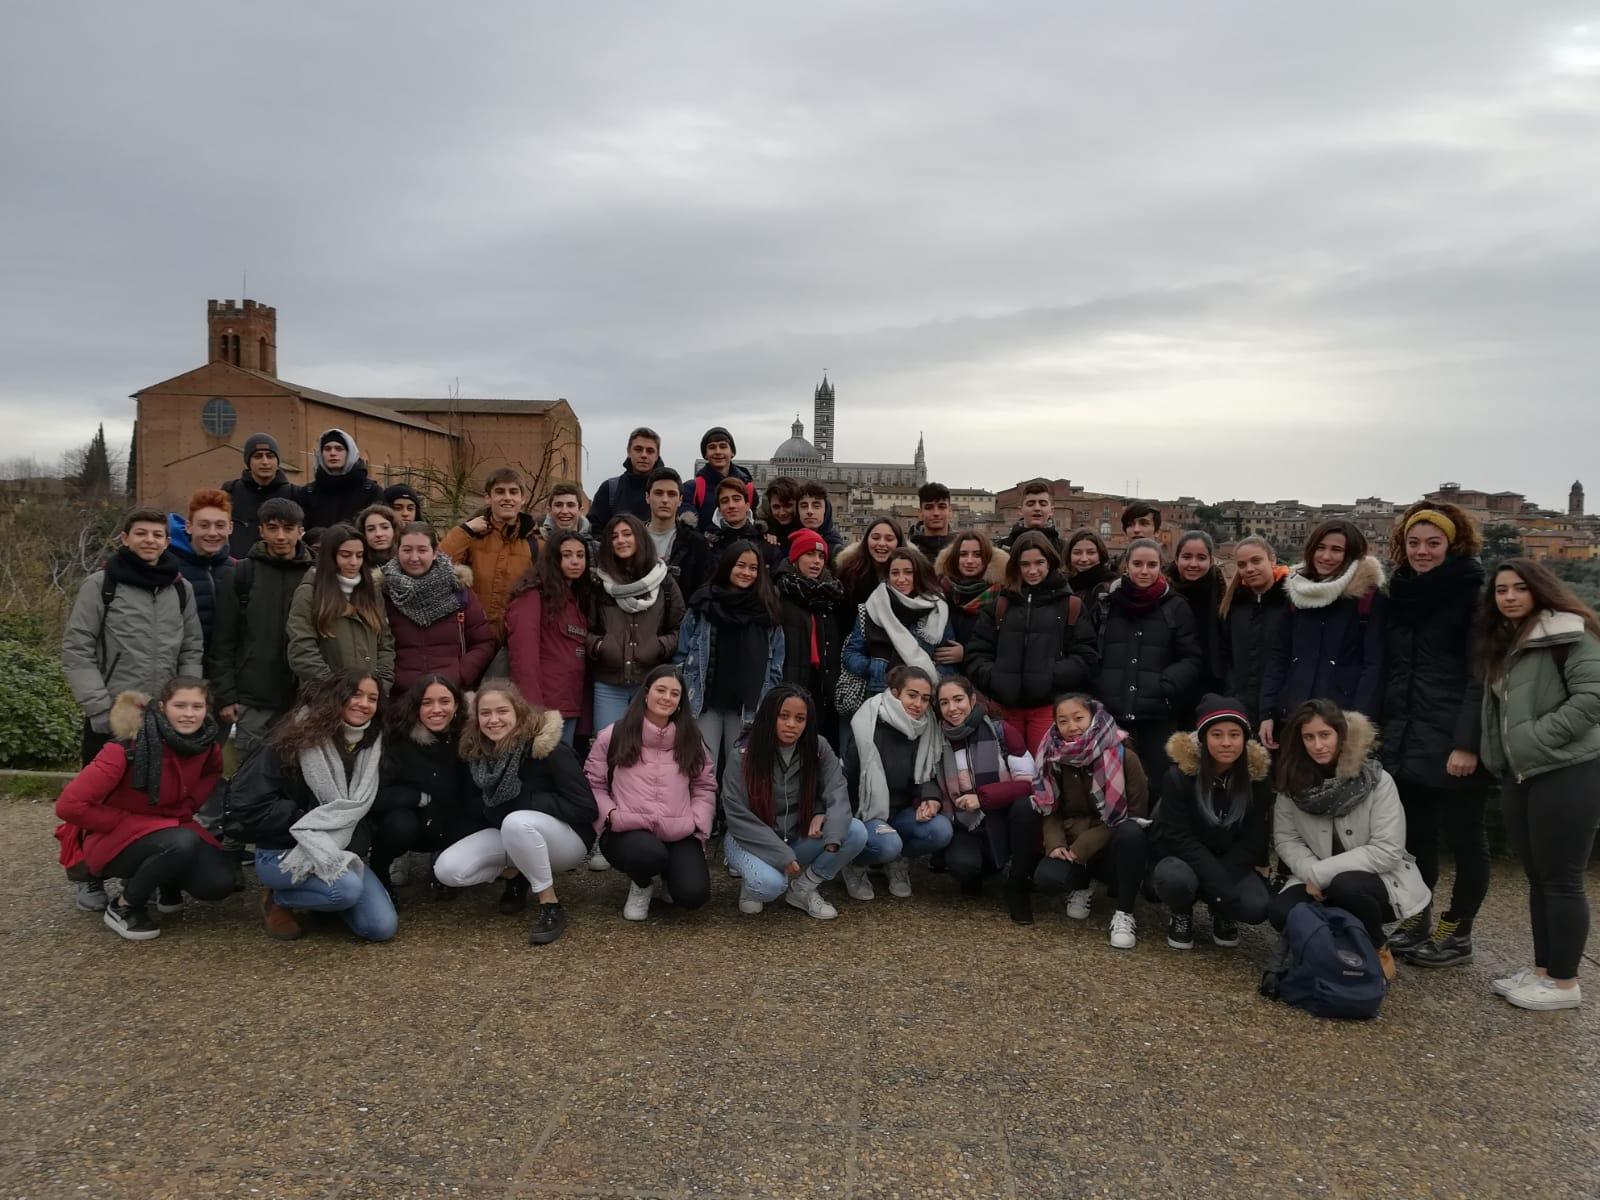 Visita a Siena y San Gimignuano de los alumnos del Colegio Blanca de Castilla (2018-19)